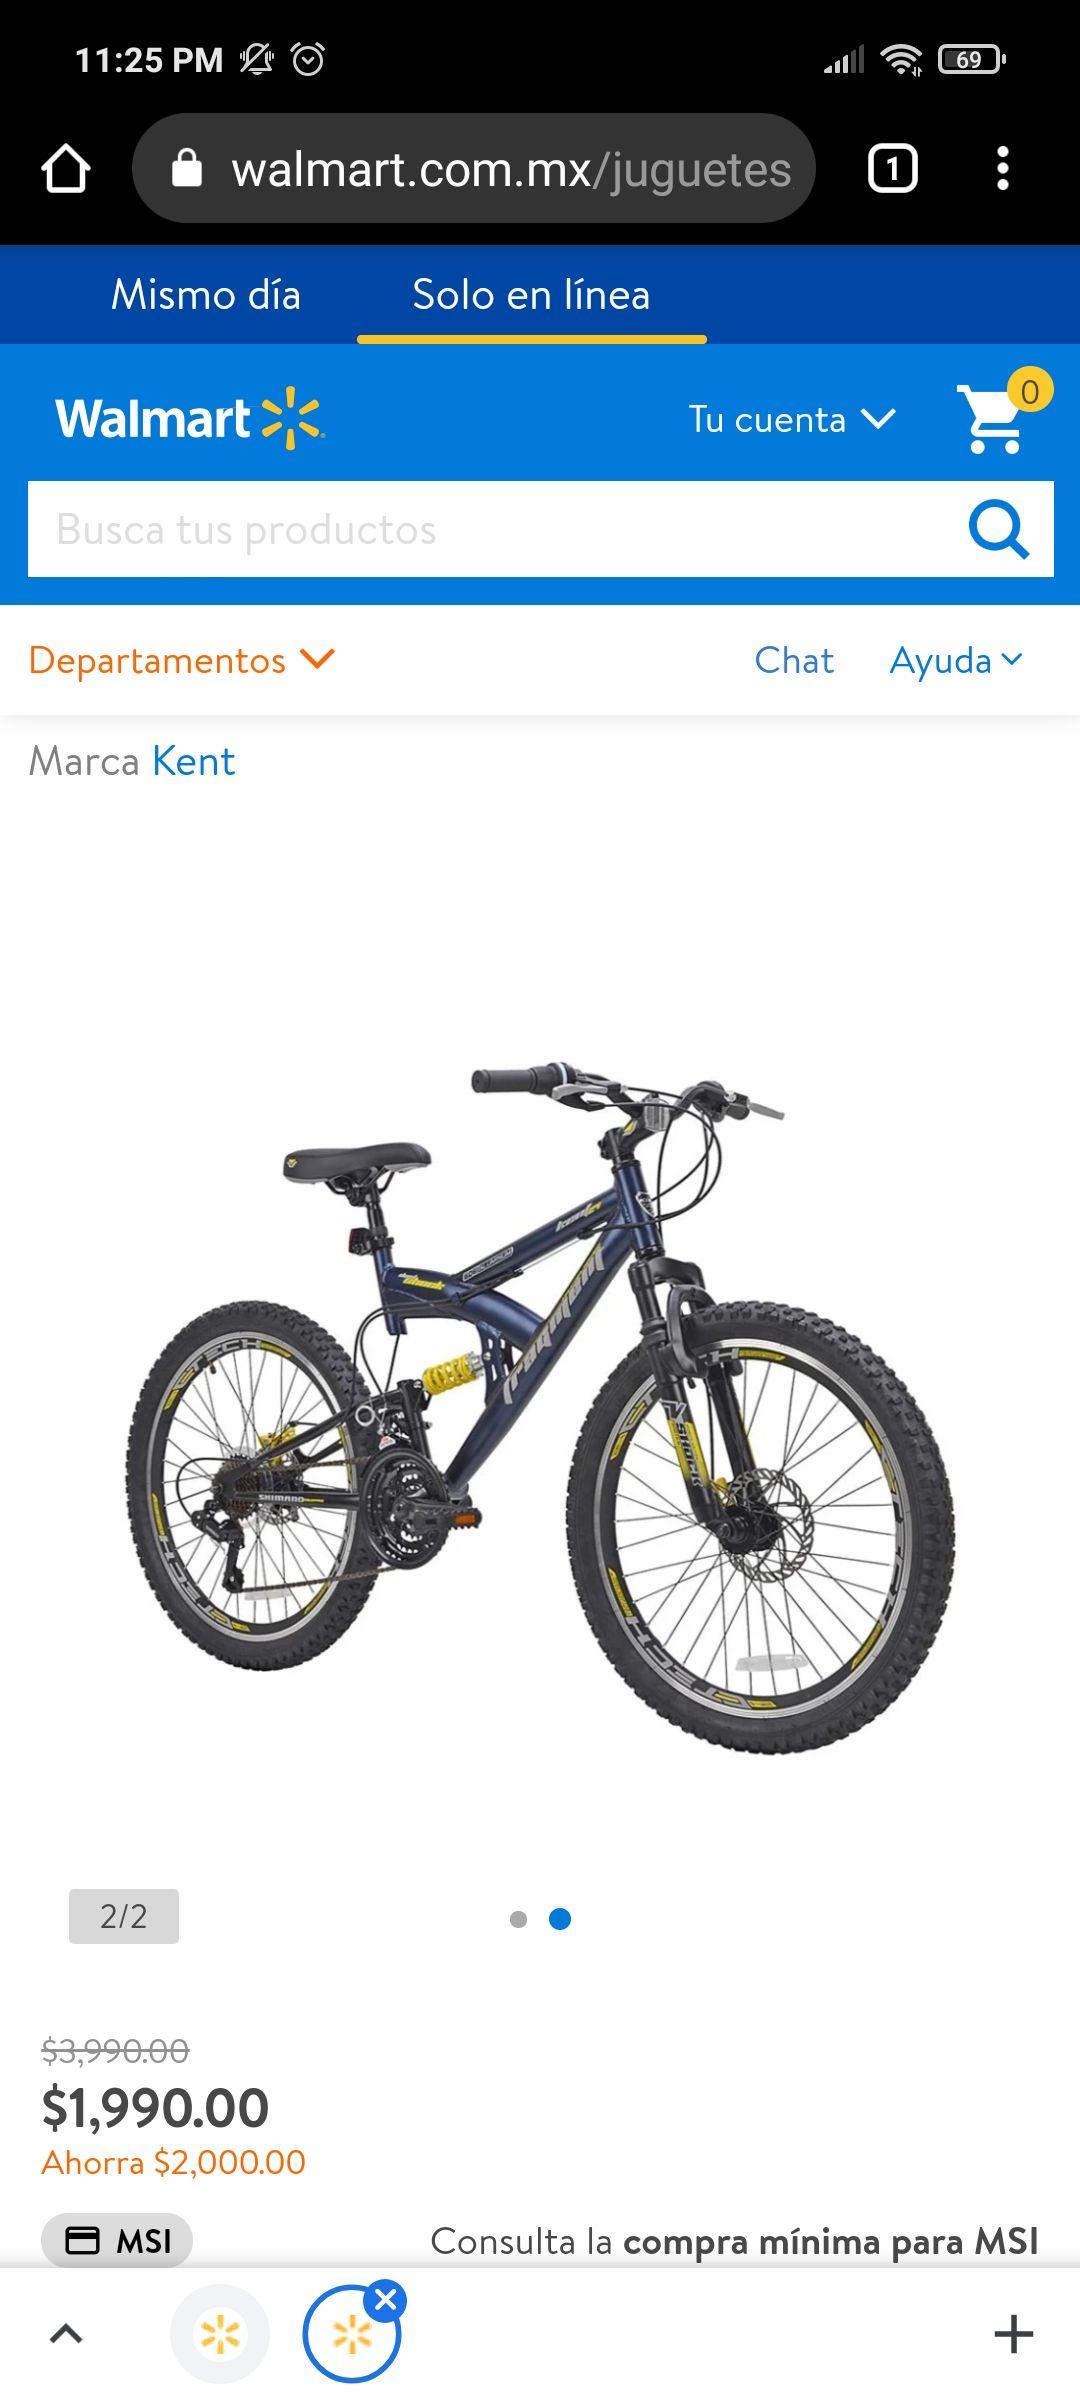 Walmart: Bicicleta Kent R24